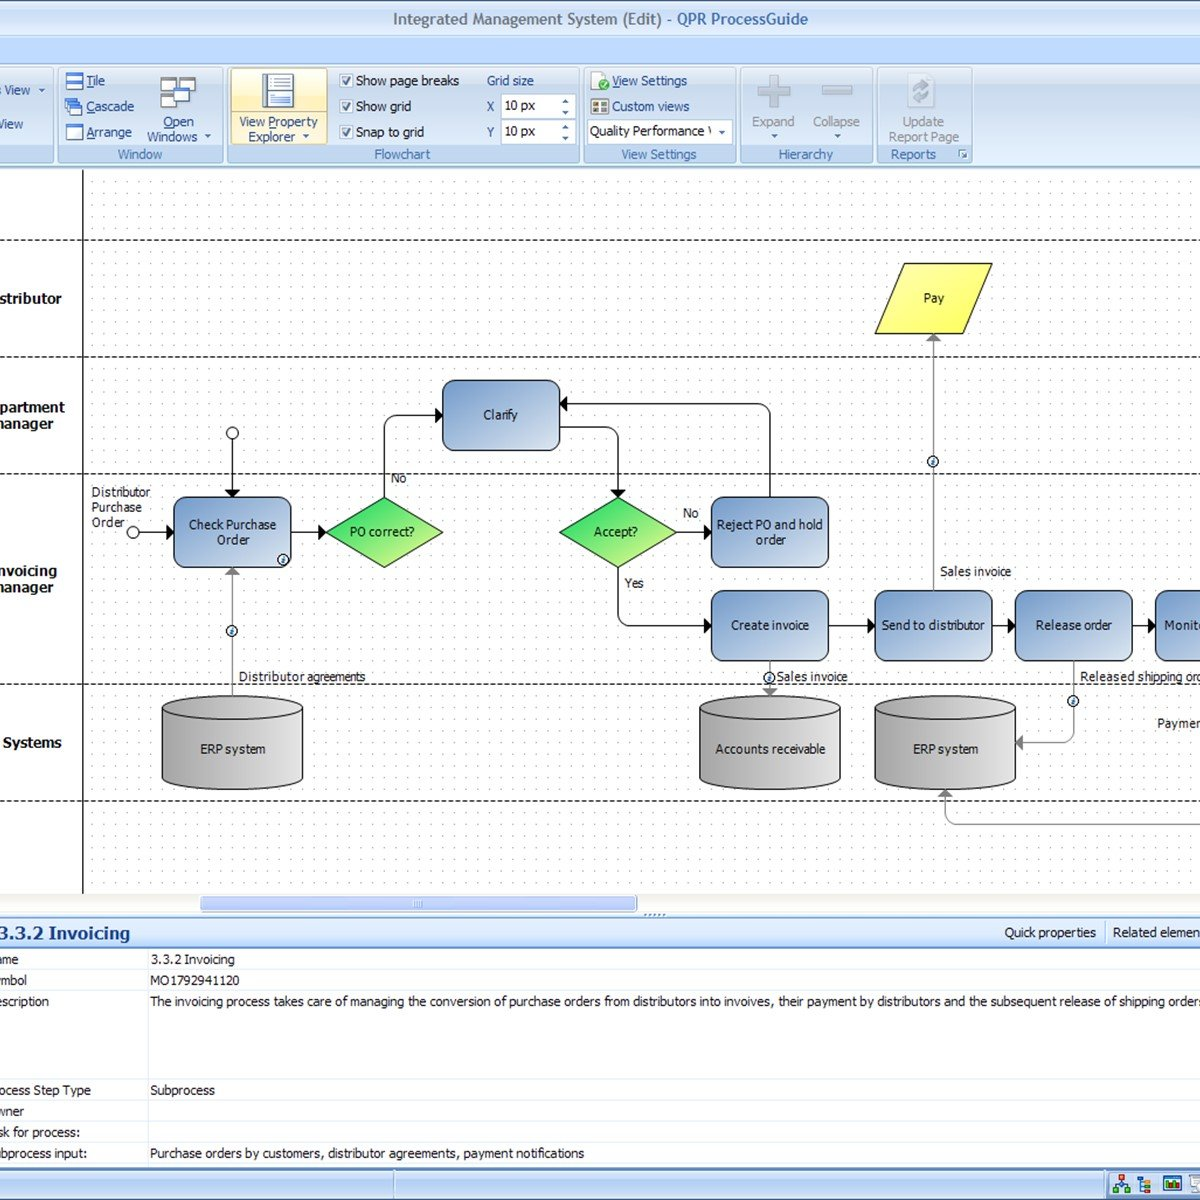 Qpr Processguide Xpress Alternatives And Similar Software